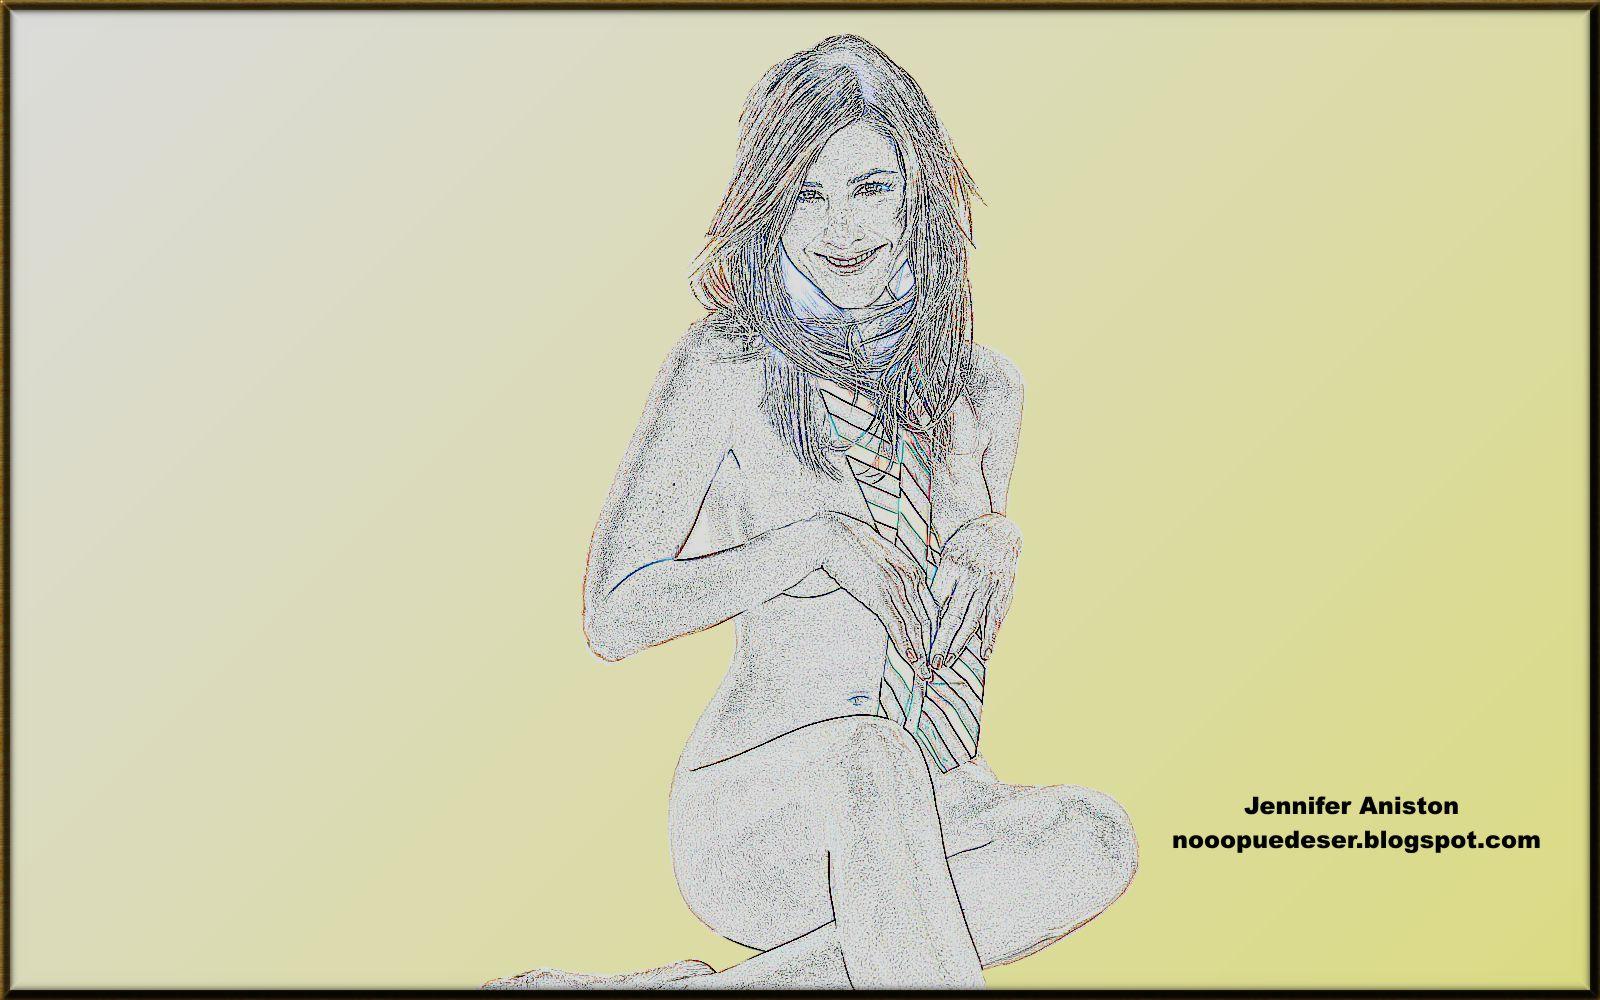 http://4.bp.blogspot.com/-VT7FGbO7eWQ/TzwtX0_RquI/AAAAAAAAJ1I/mzM3BofUFjU/s1600/jennifer-aniston-02.jpg